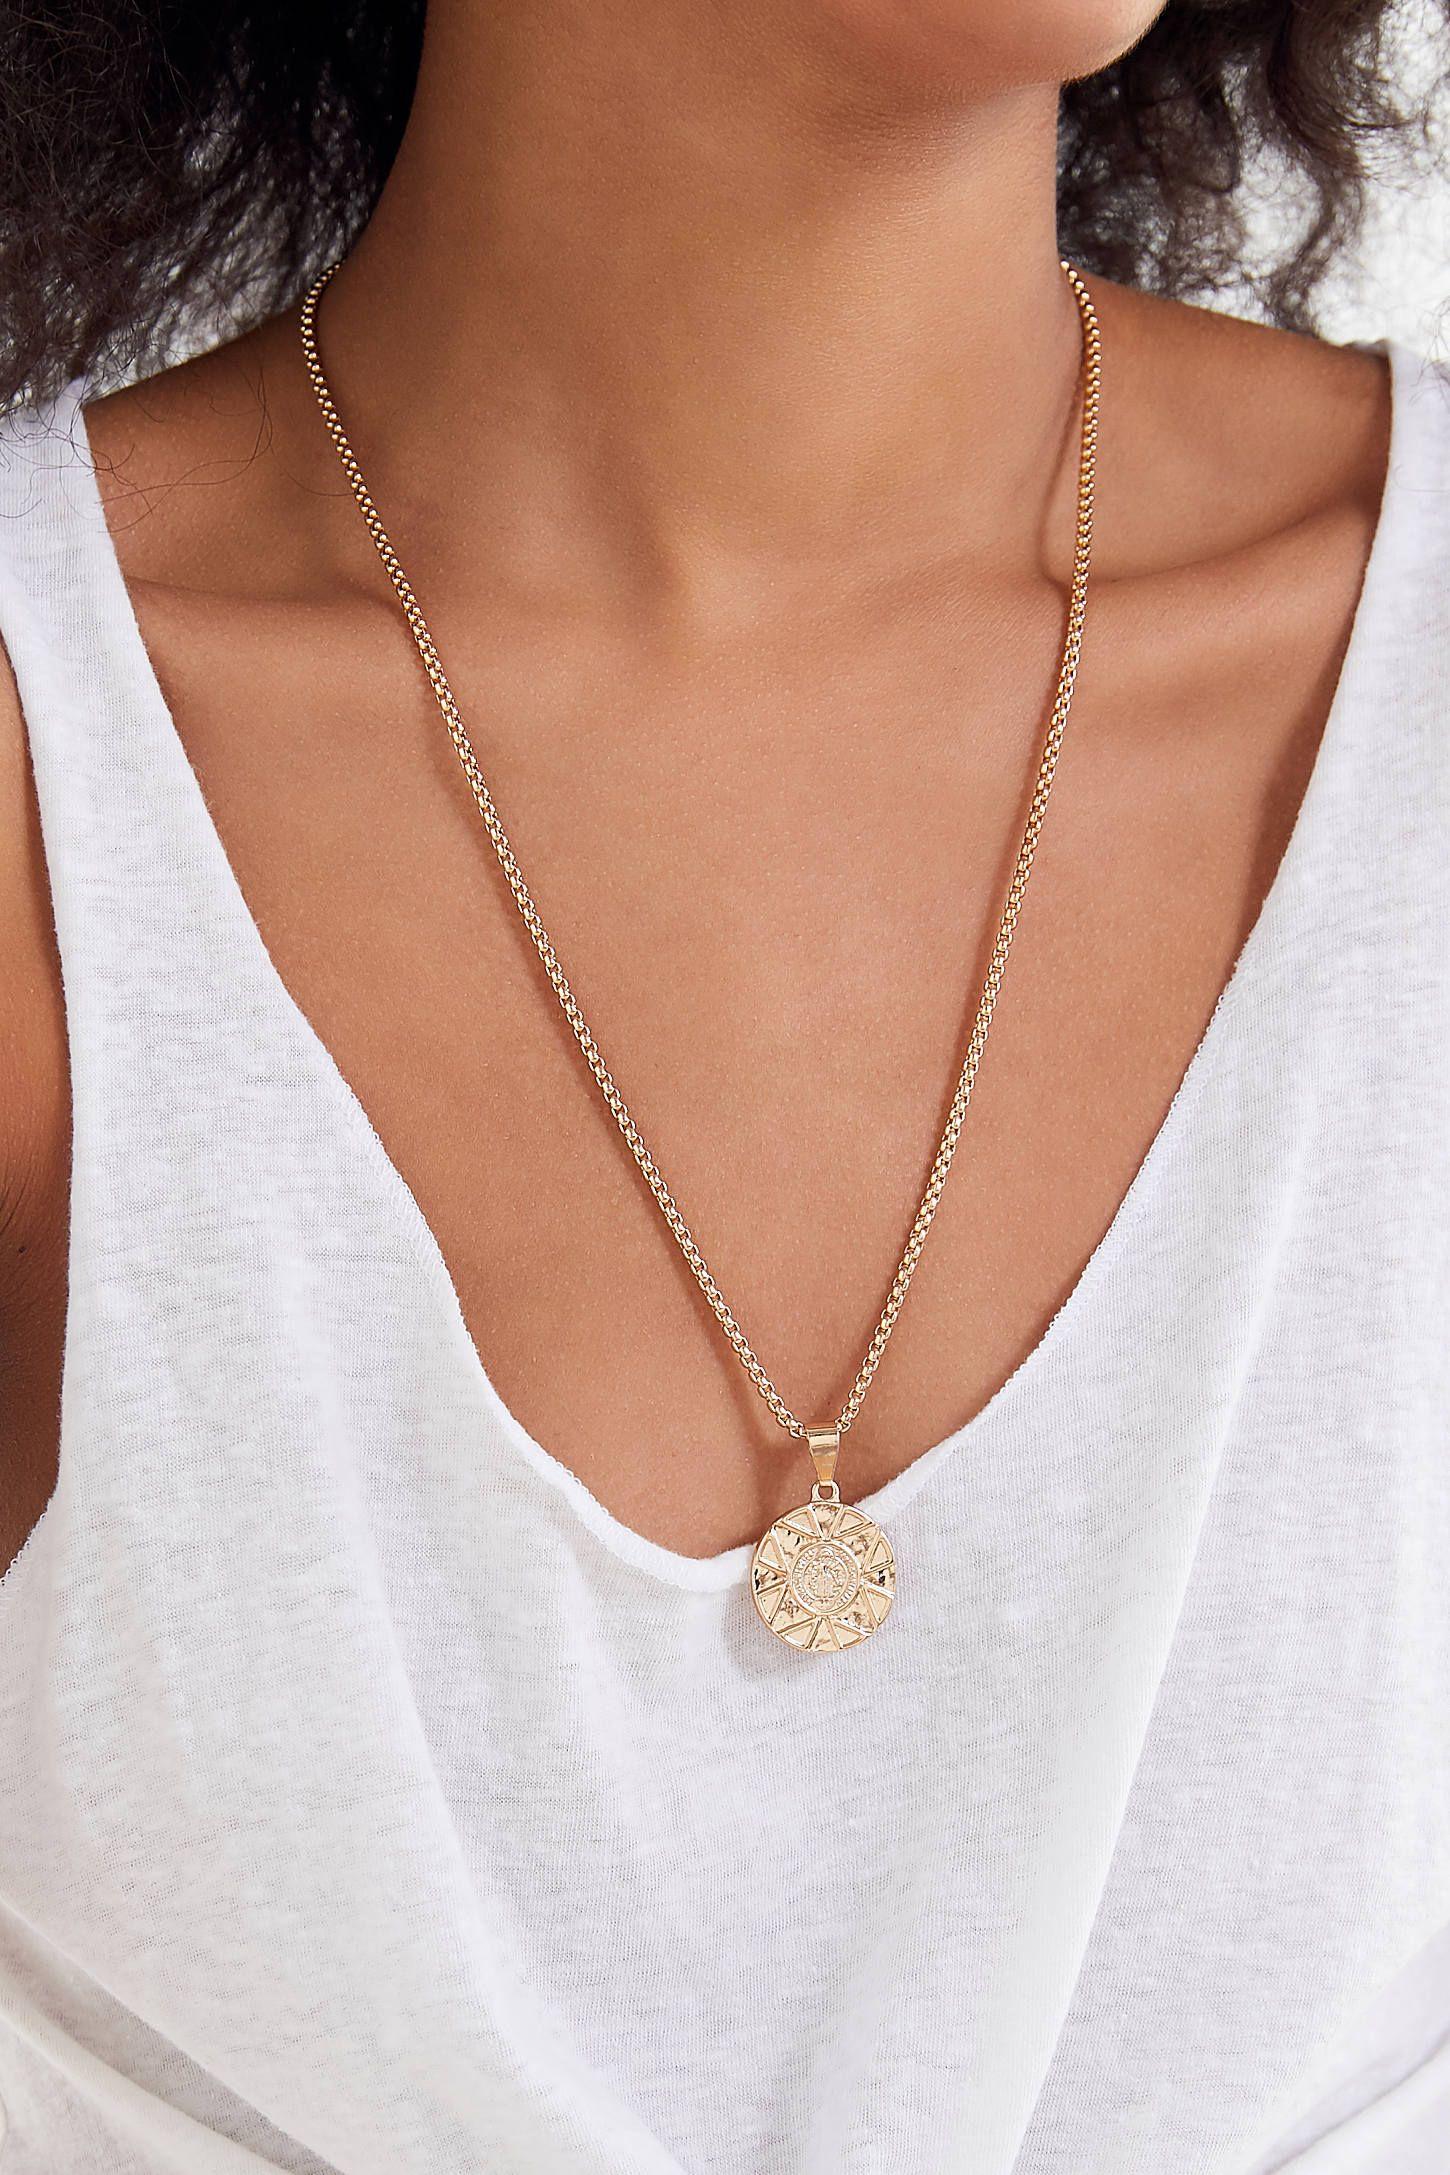 ea4f6a2fb6c Laurel Chunky Pendant Necklace | //accessories | Pendant necklace ...